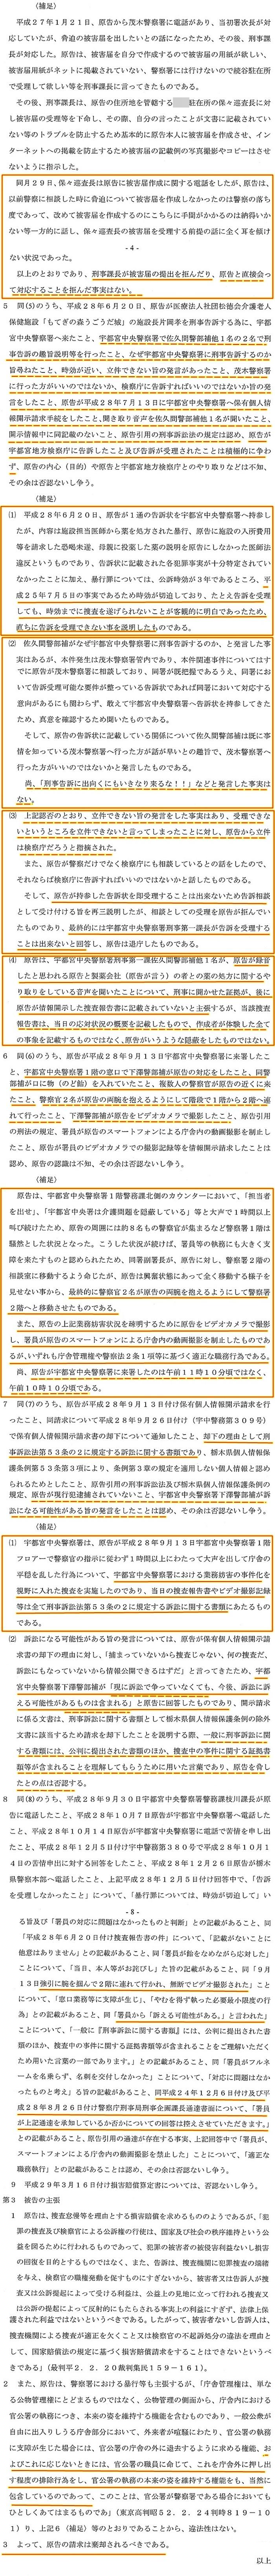 栃木県県警 平野浩視弁護士 福田富一知事3